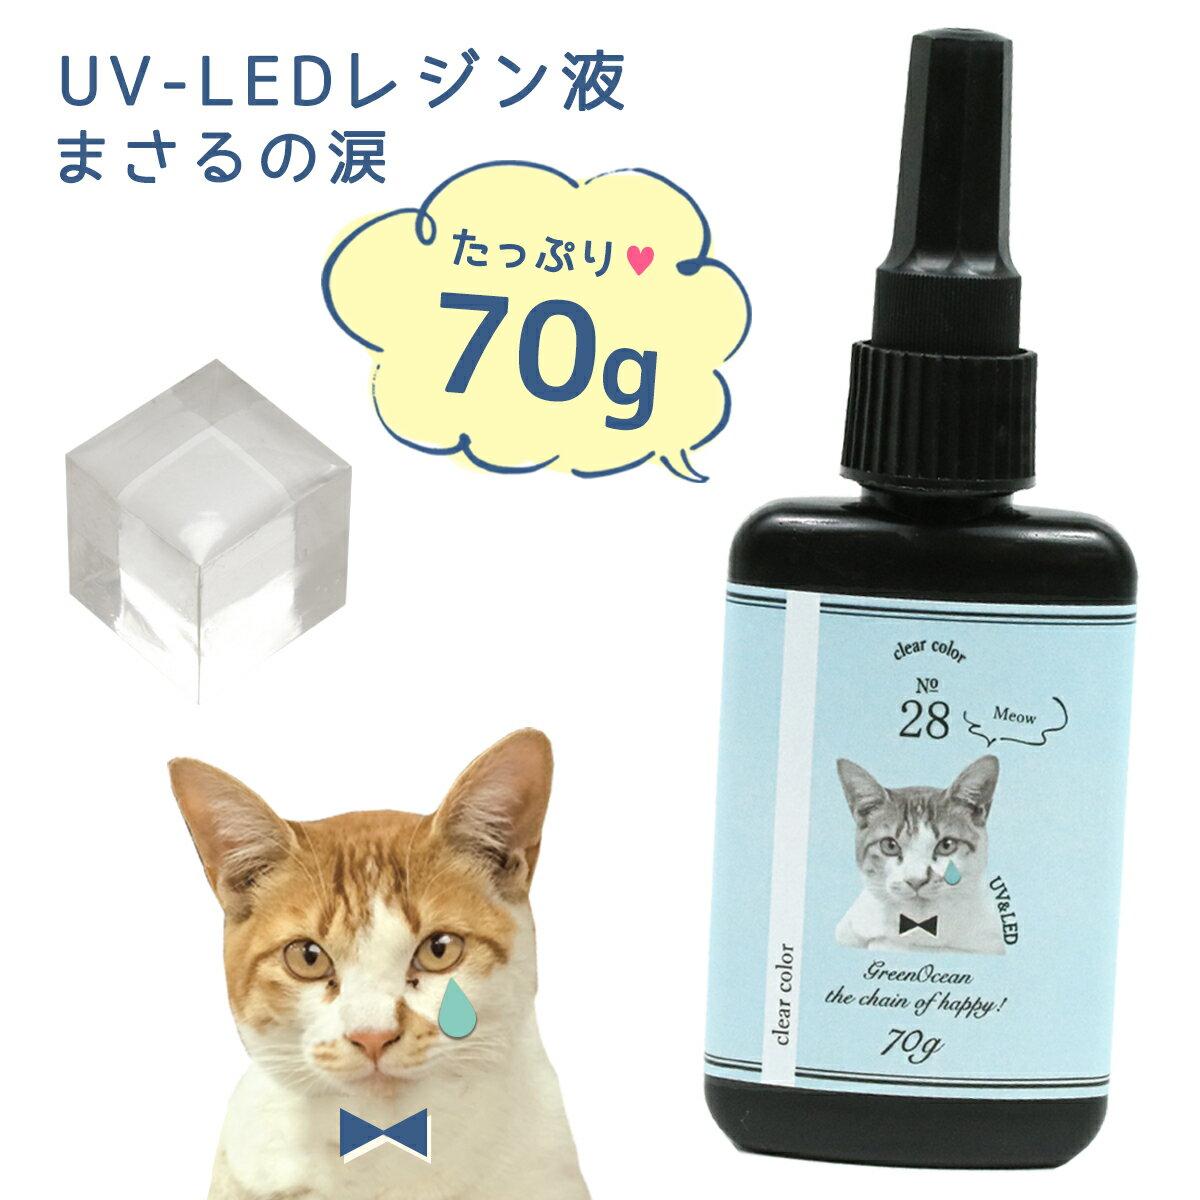 【大容量UV-LEDレジン液】70g 『コスパ&クオリティー最高峰・迷ったら絶対にコレがお勧め!』 まさるの涙 《クリア》GreenOceanオリジナル 猫 must レジンクラフト ハードタイプ UVレジン液 LEDレジン液